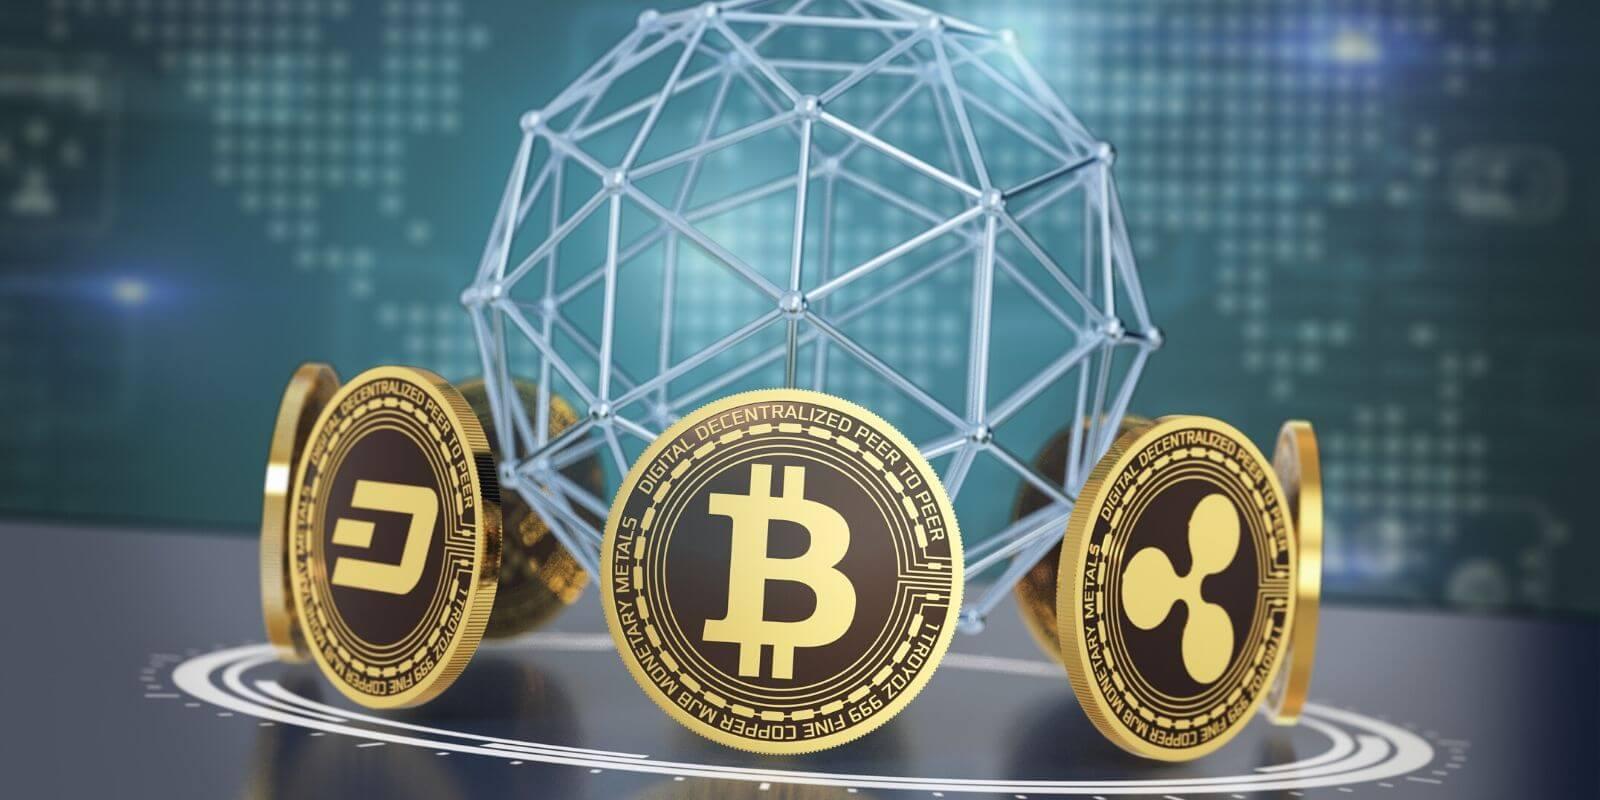 Histoire, nature et philosophie de la crypto-monnaie